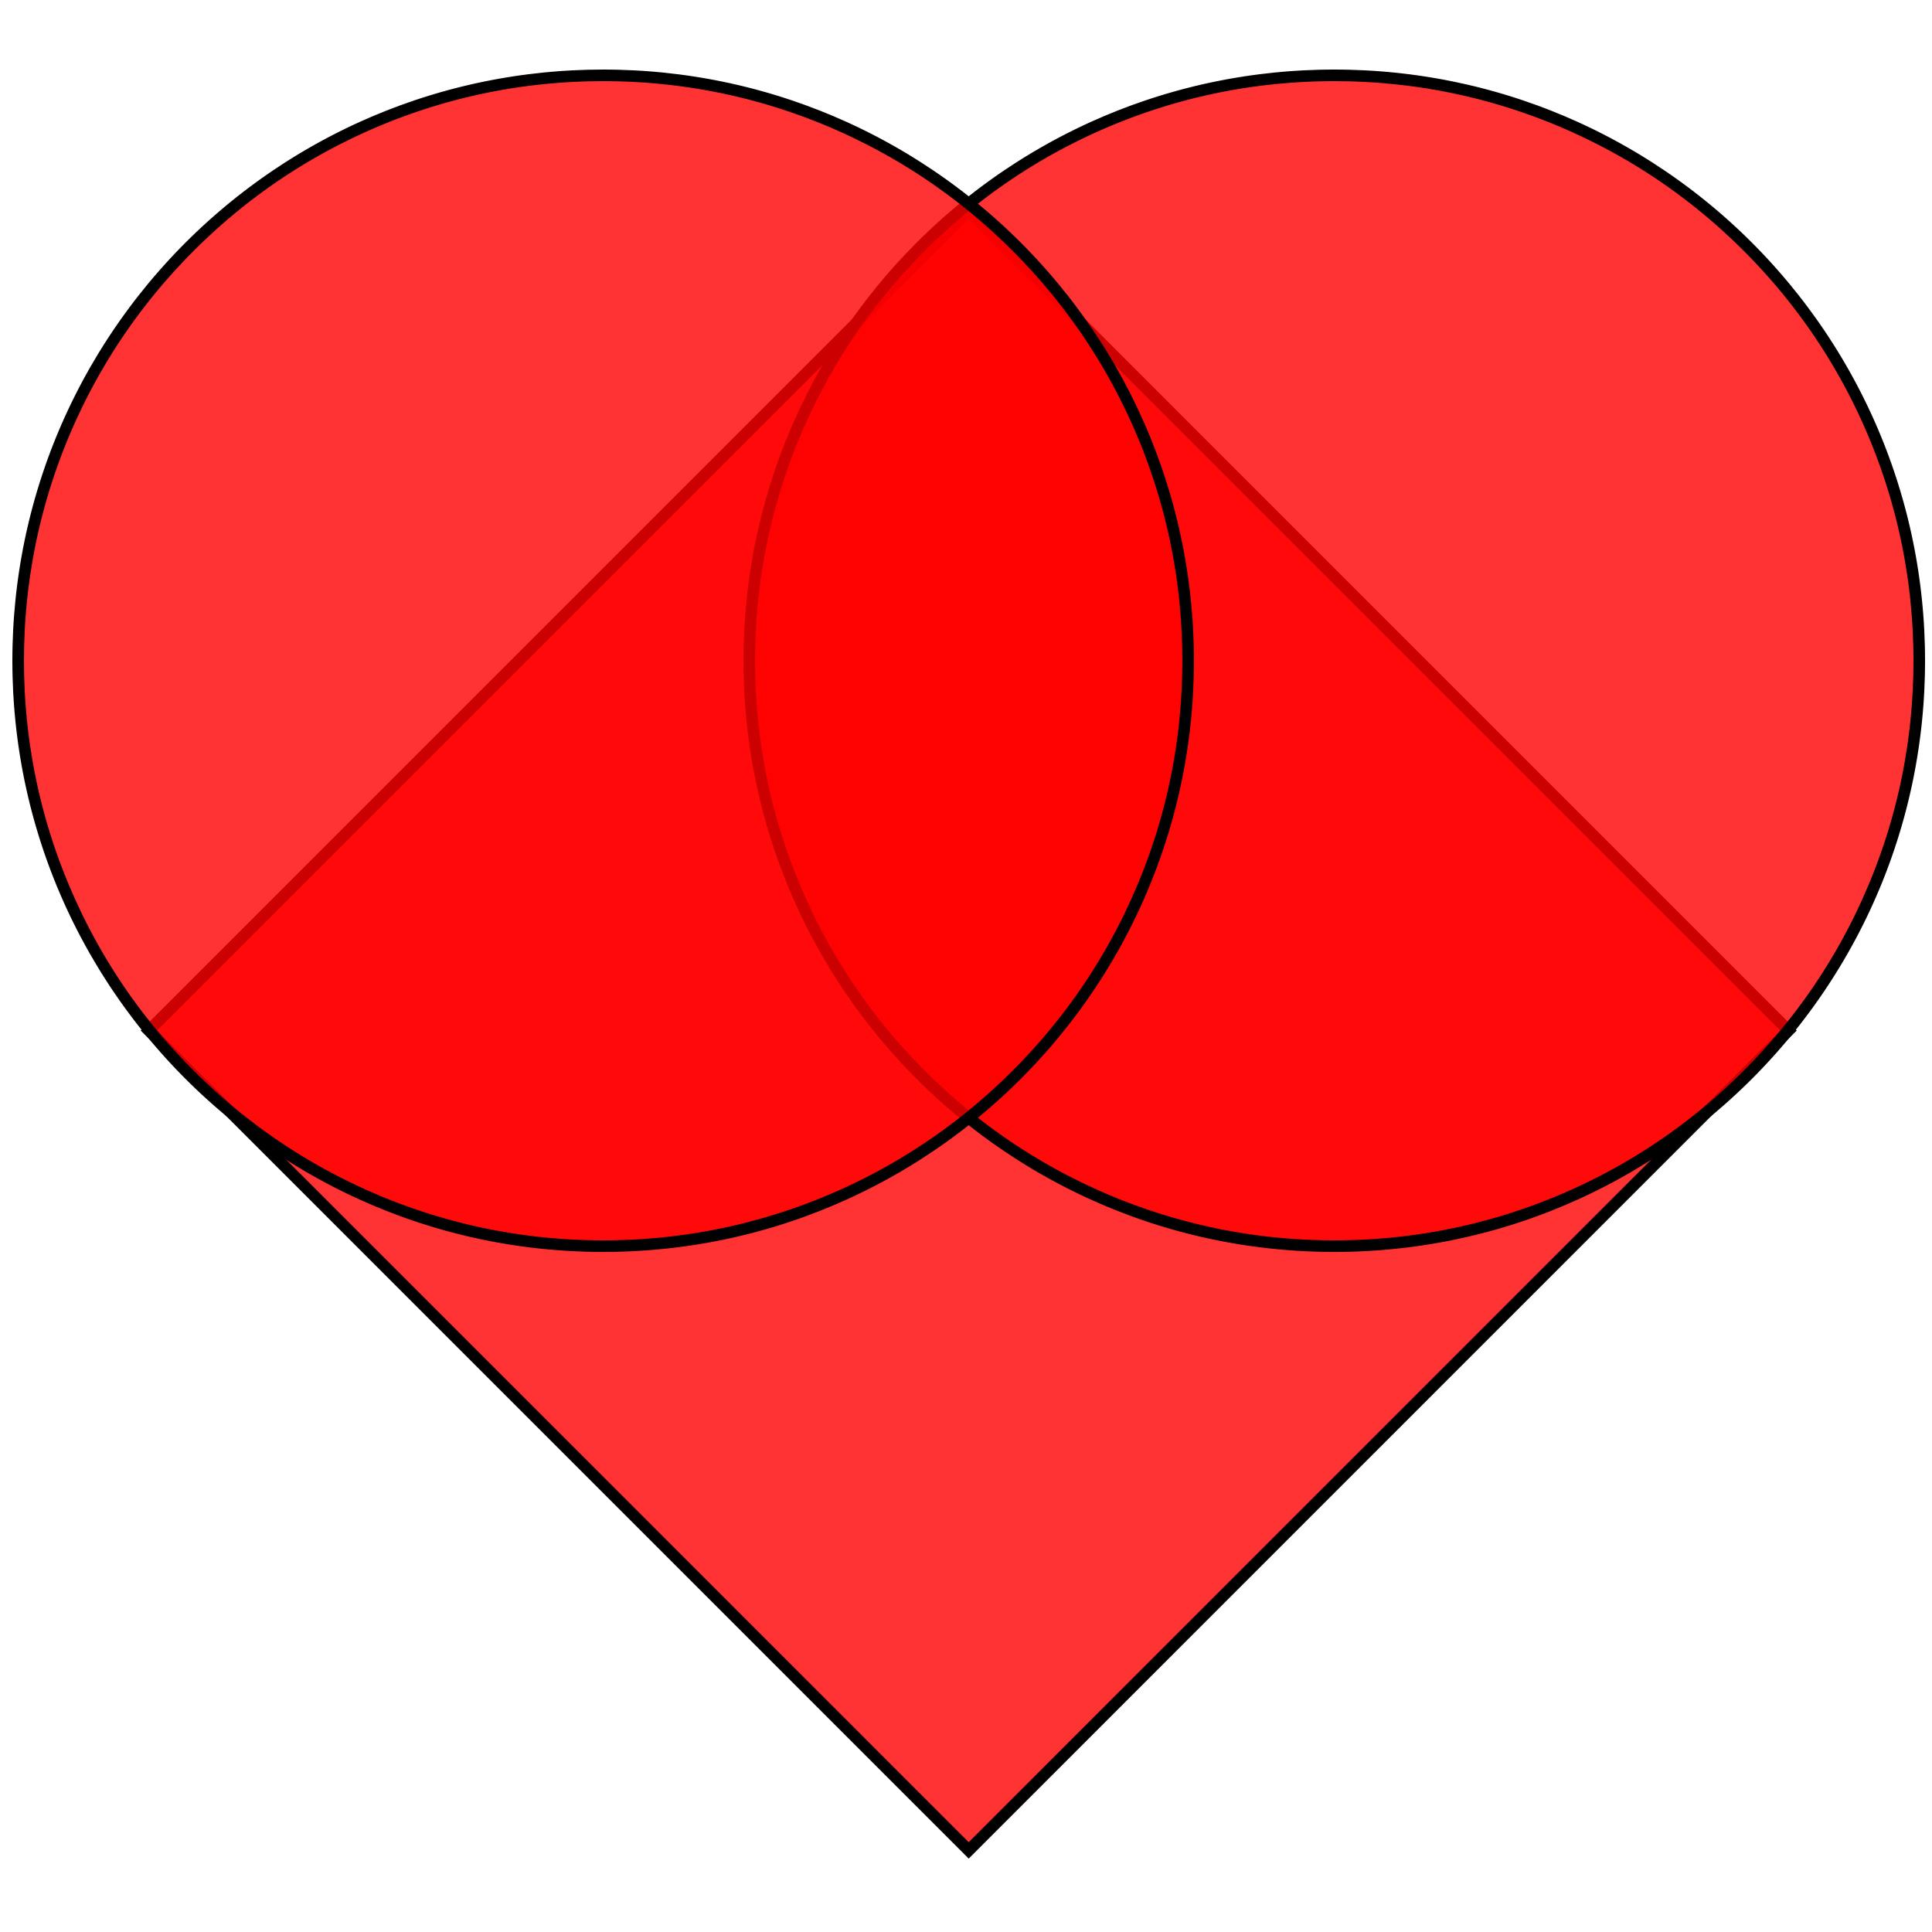 How to make a. Heat clipart heart shape